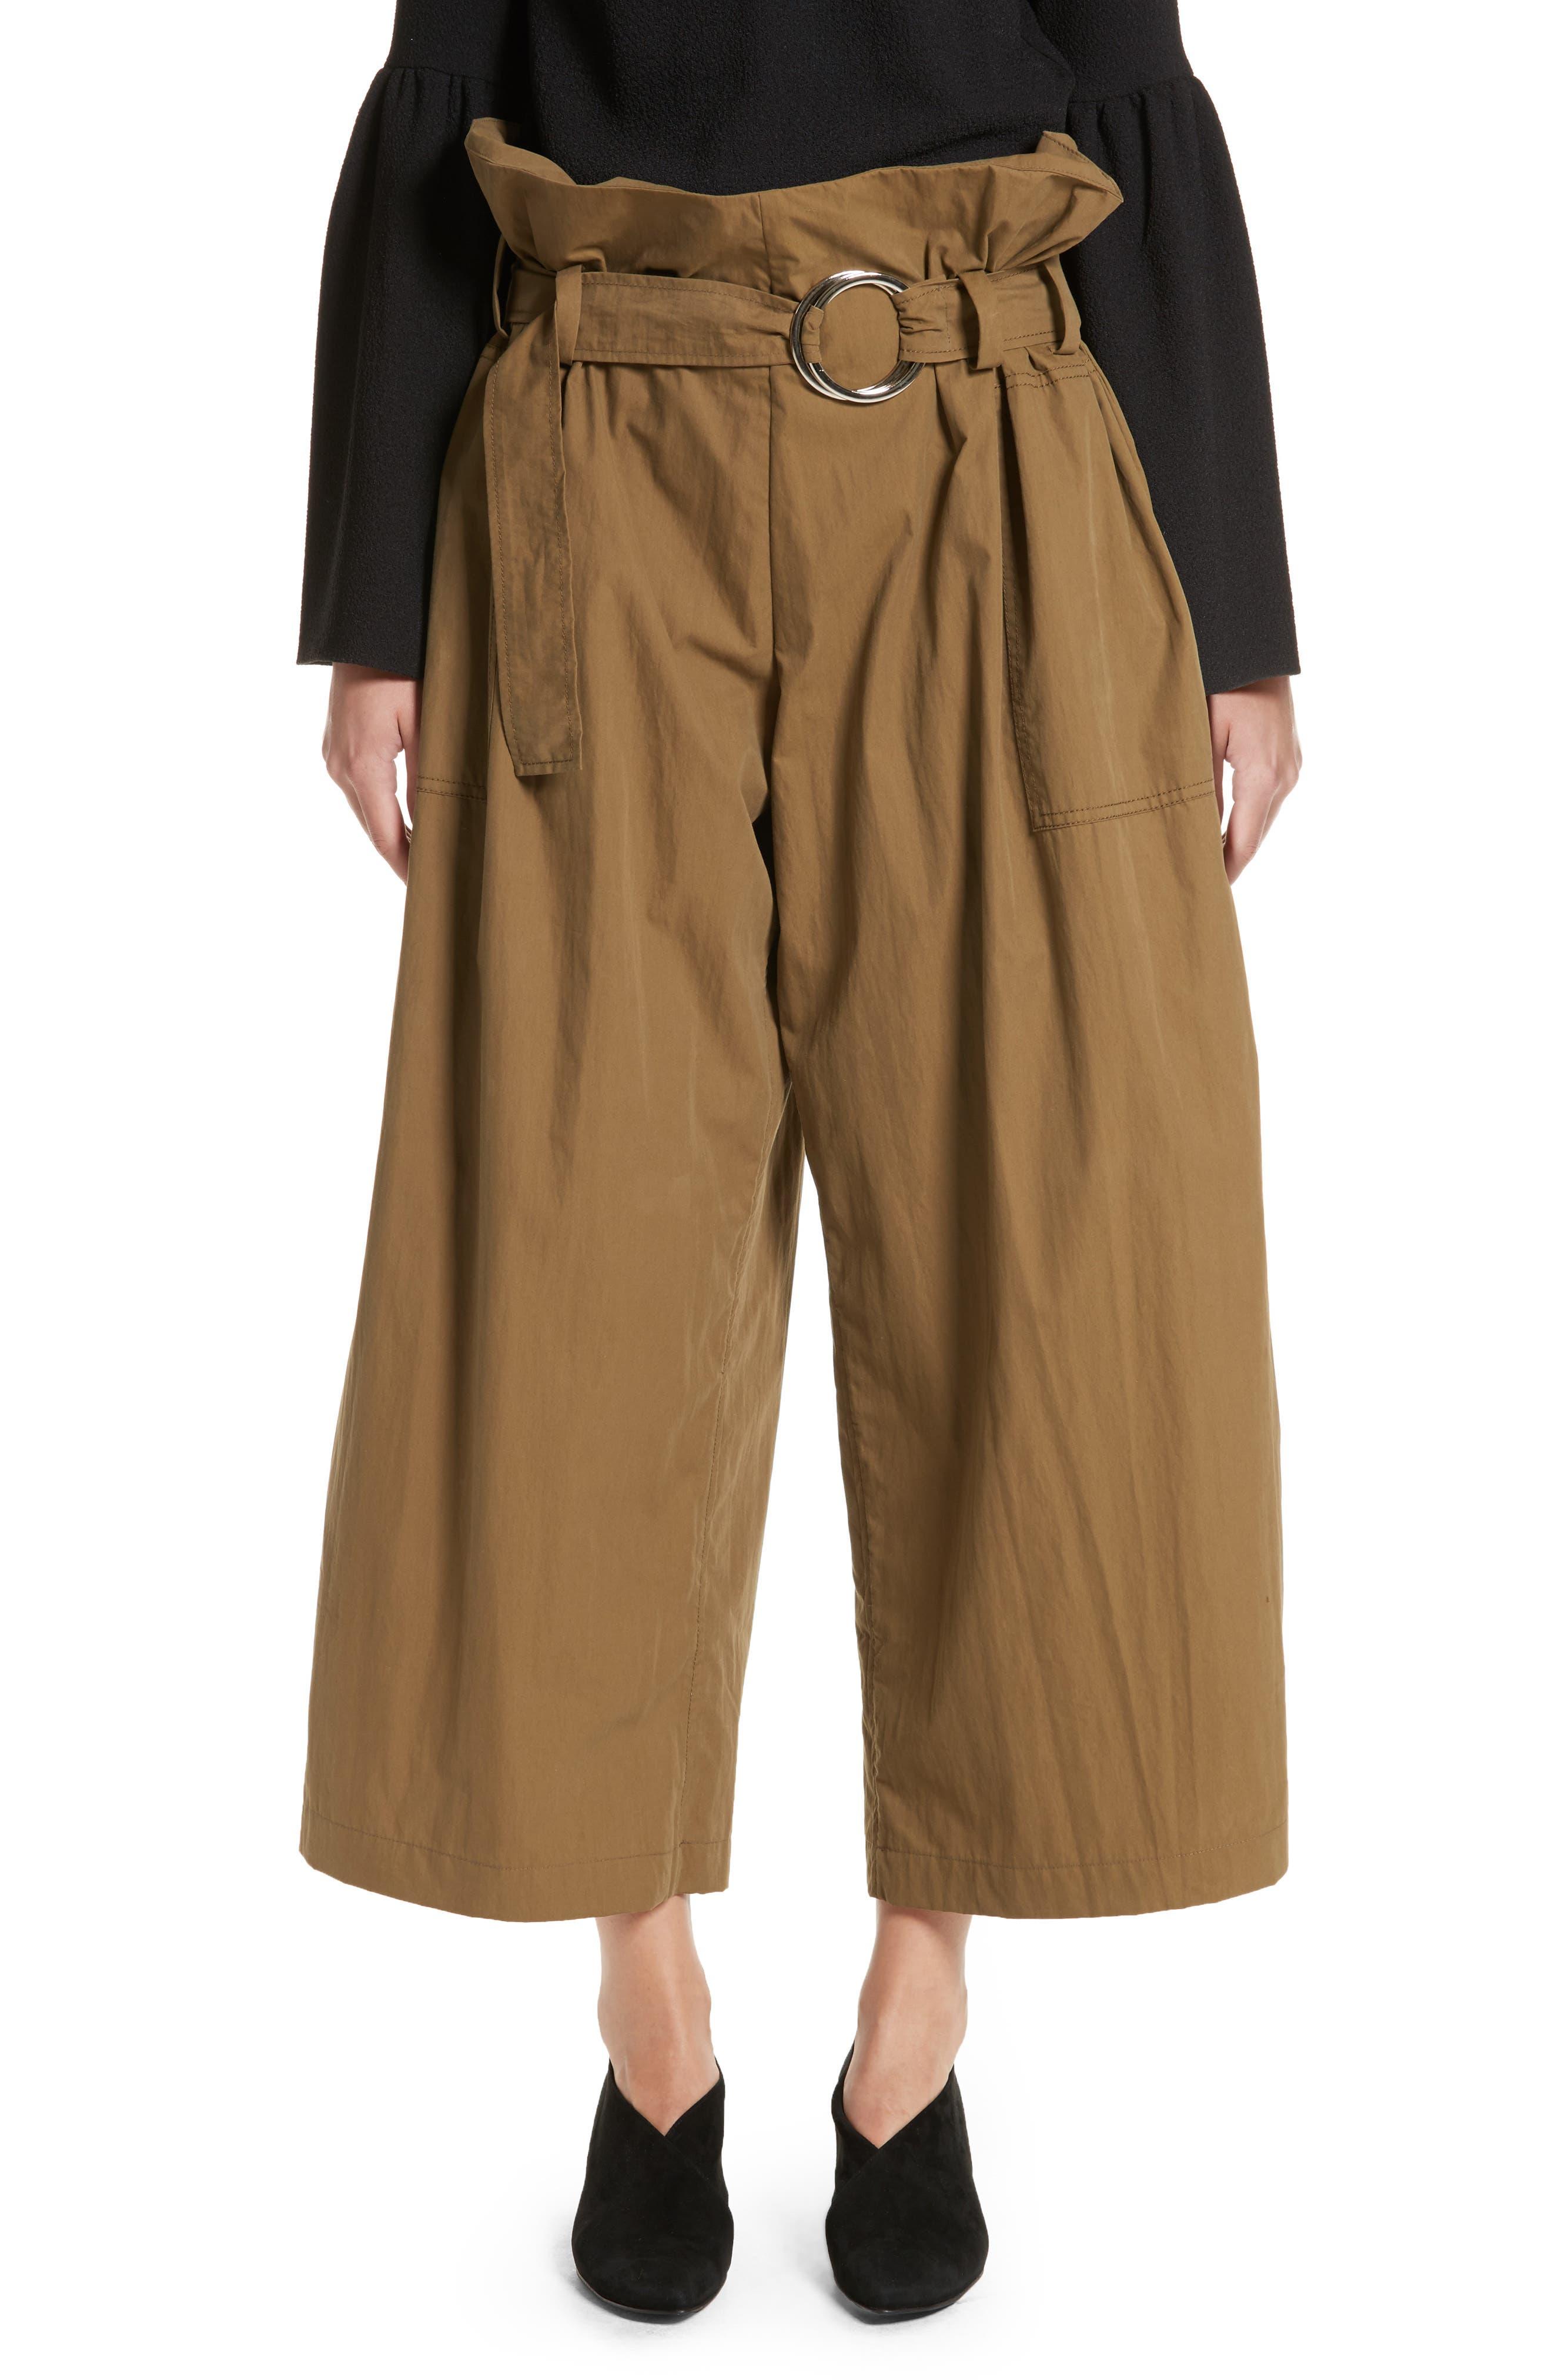 Rejina Pyo Tilly Belted Paperbag Pants